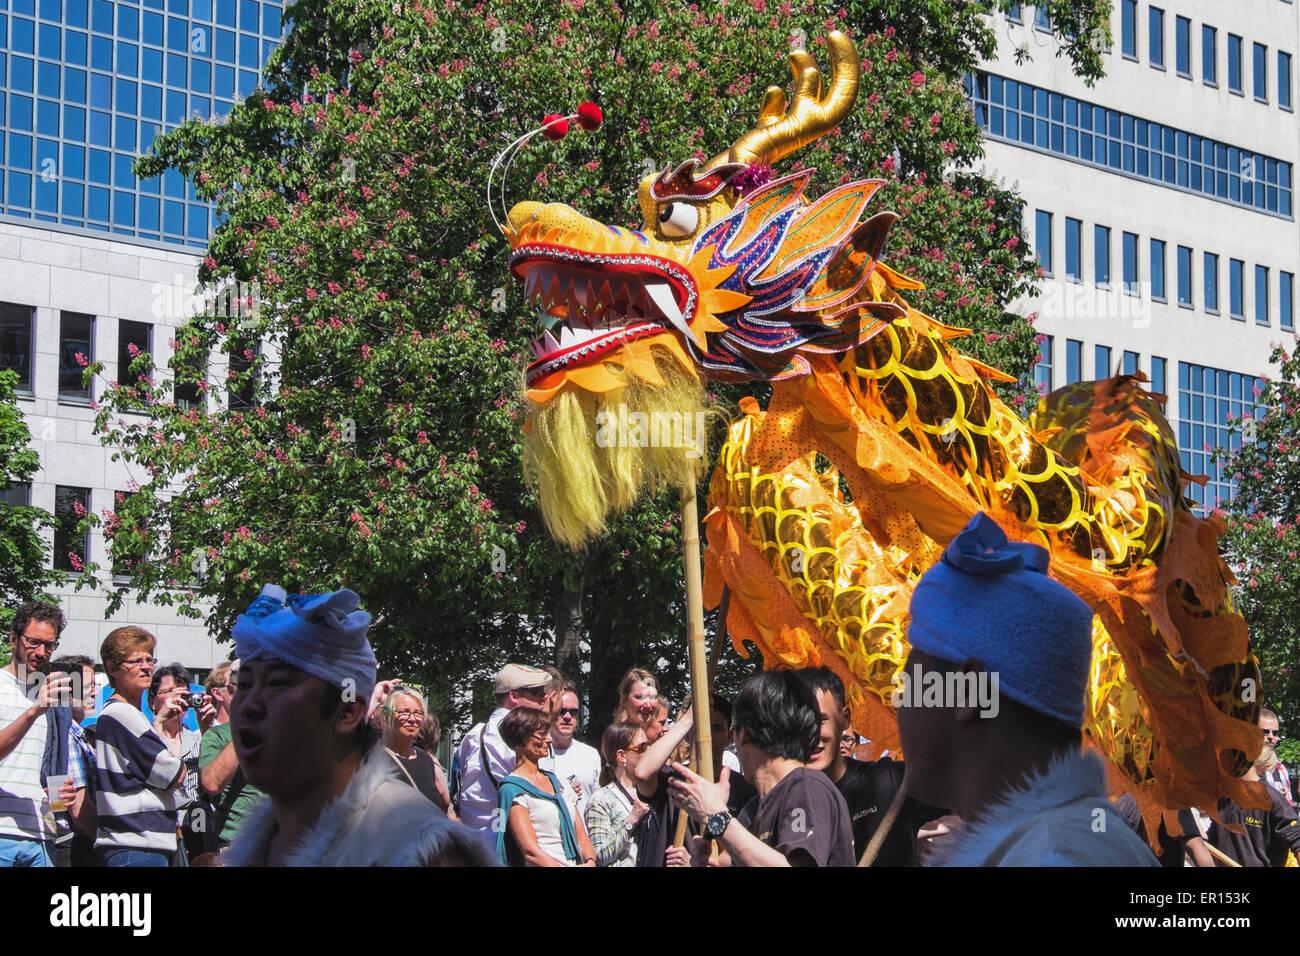 Kreuzberg, Berlin, Allemagne, le 24 mai 2015. Regardez les foules le dragon chinois que Berlin célèbre Photo Stock